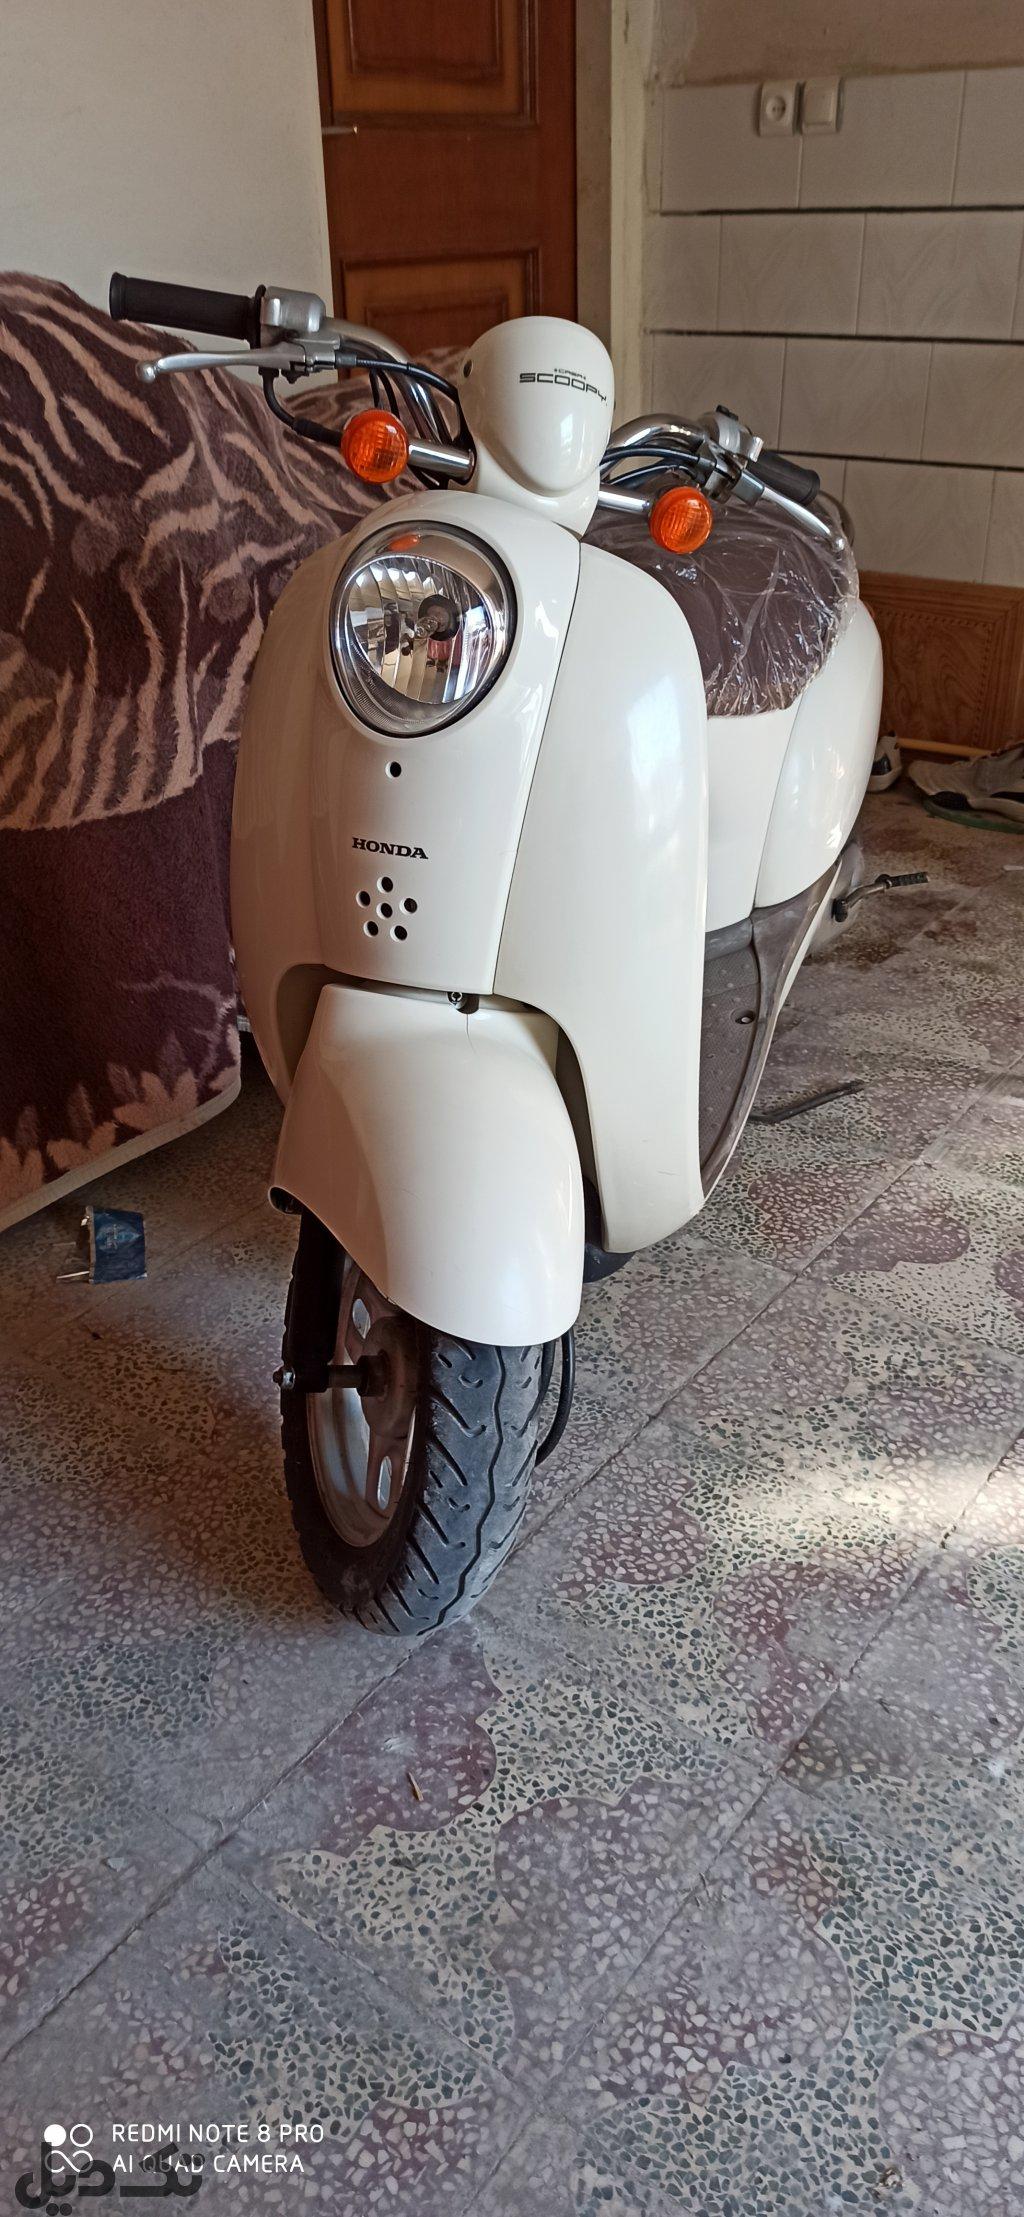 هوندا اسکوپی 50ccمدل 2016